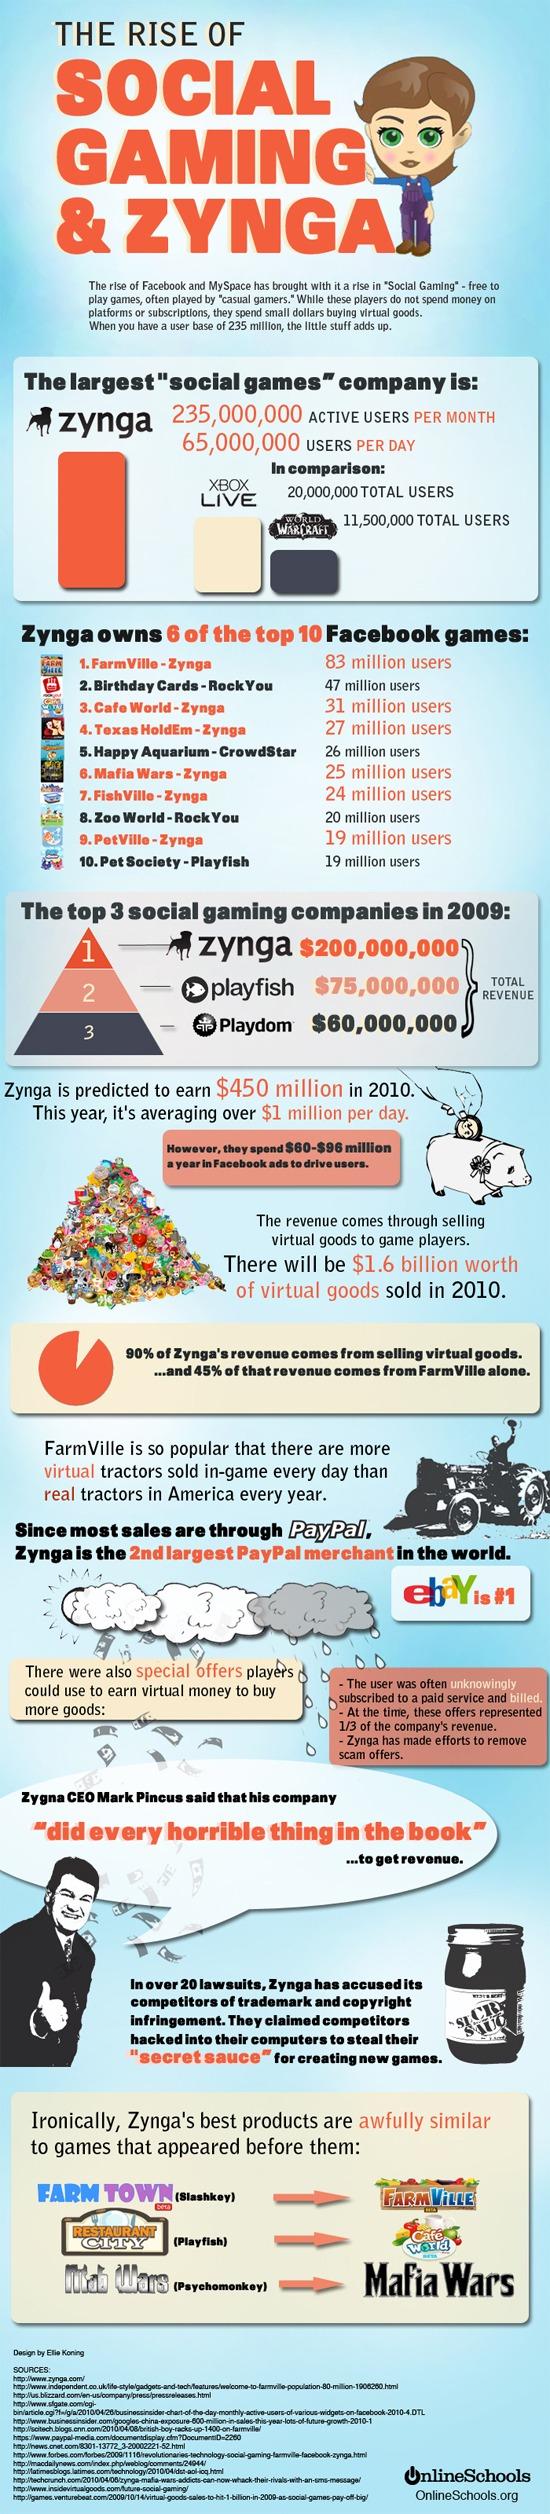 Statistiques sur le jeu social et Zynga